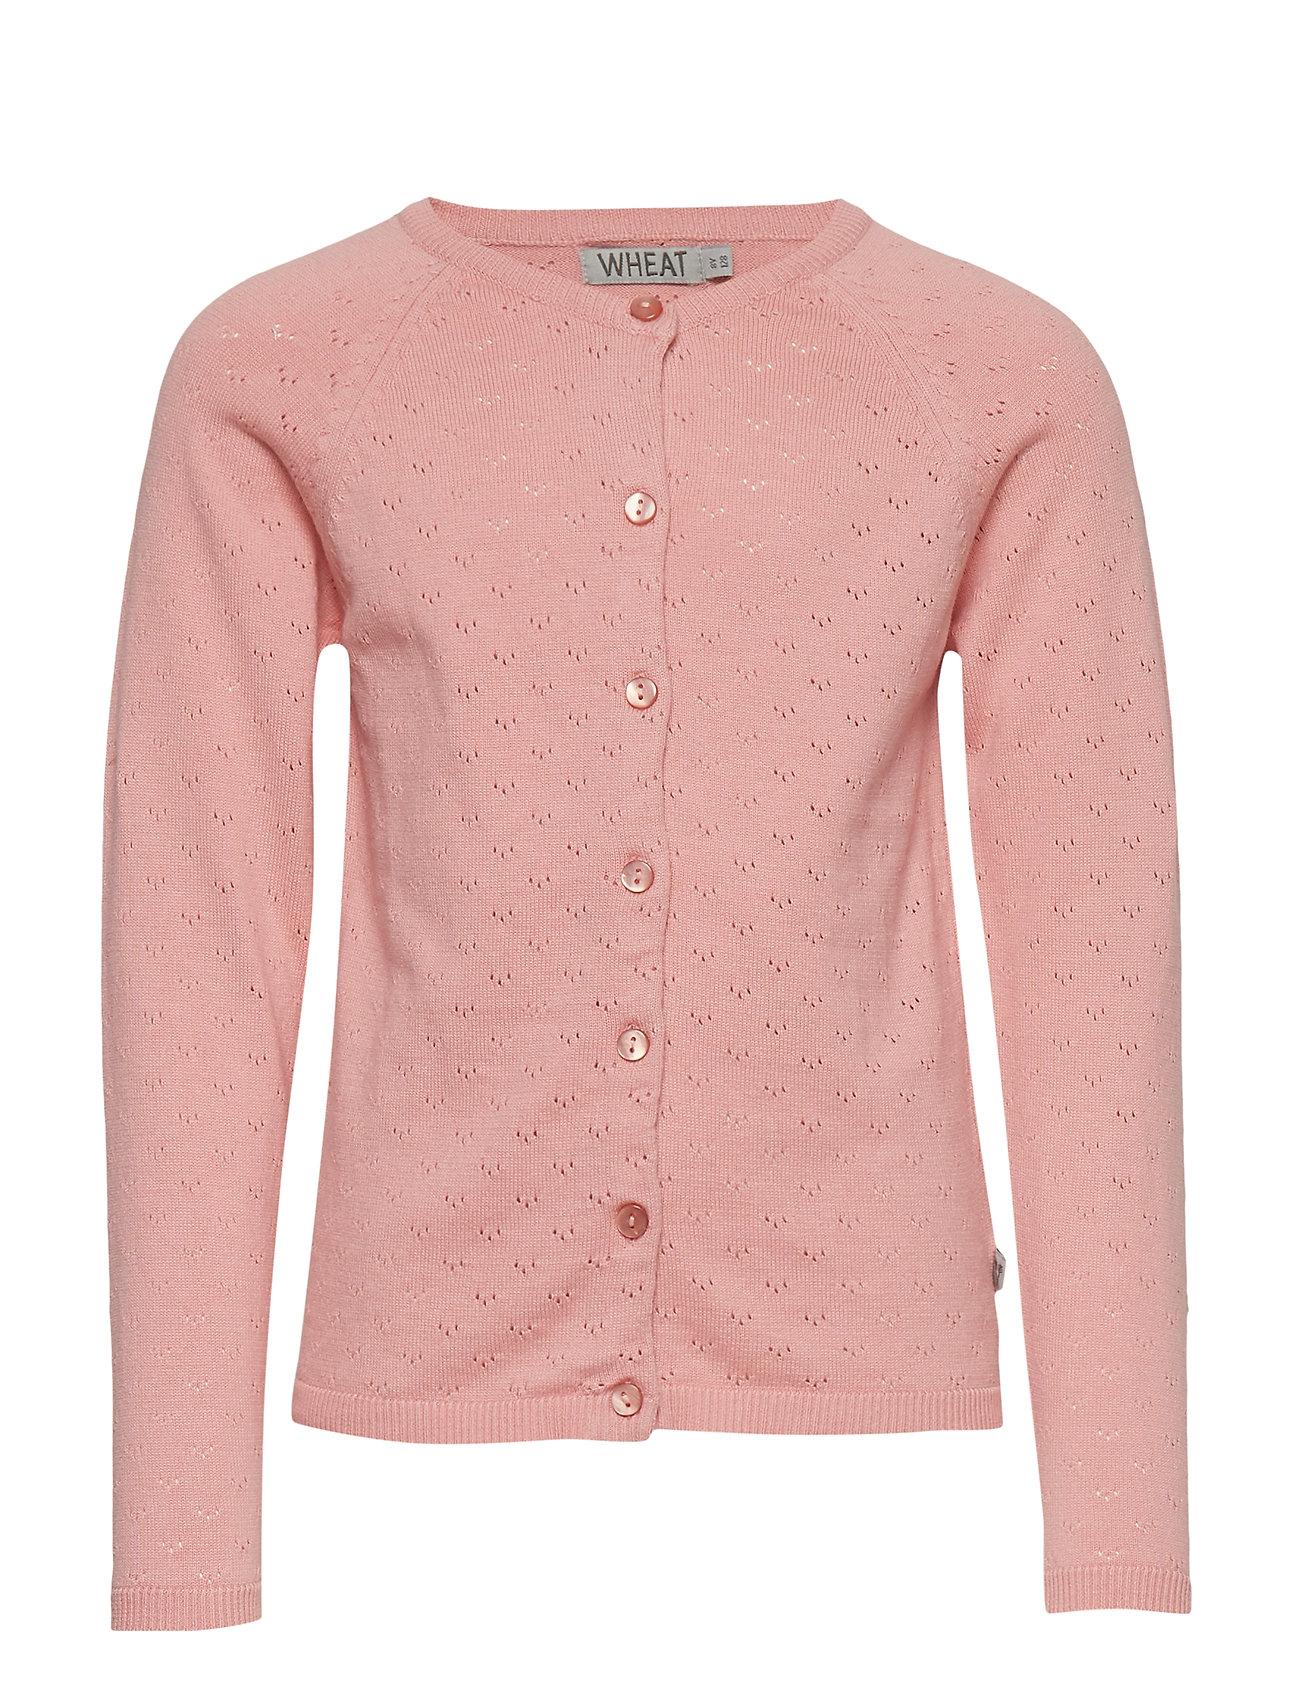 2e67f56c83e Knit Cardigan Maja (Rose Tan) (£17) - Wheat - | Boozt.com